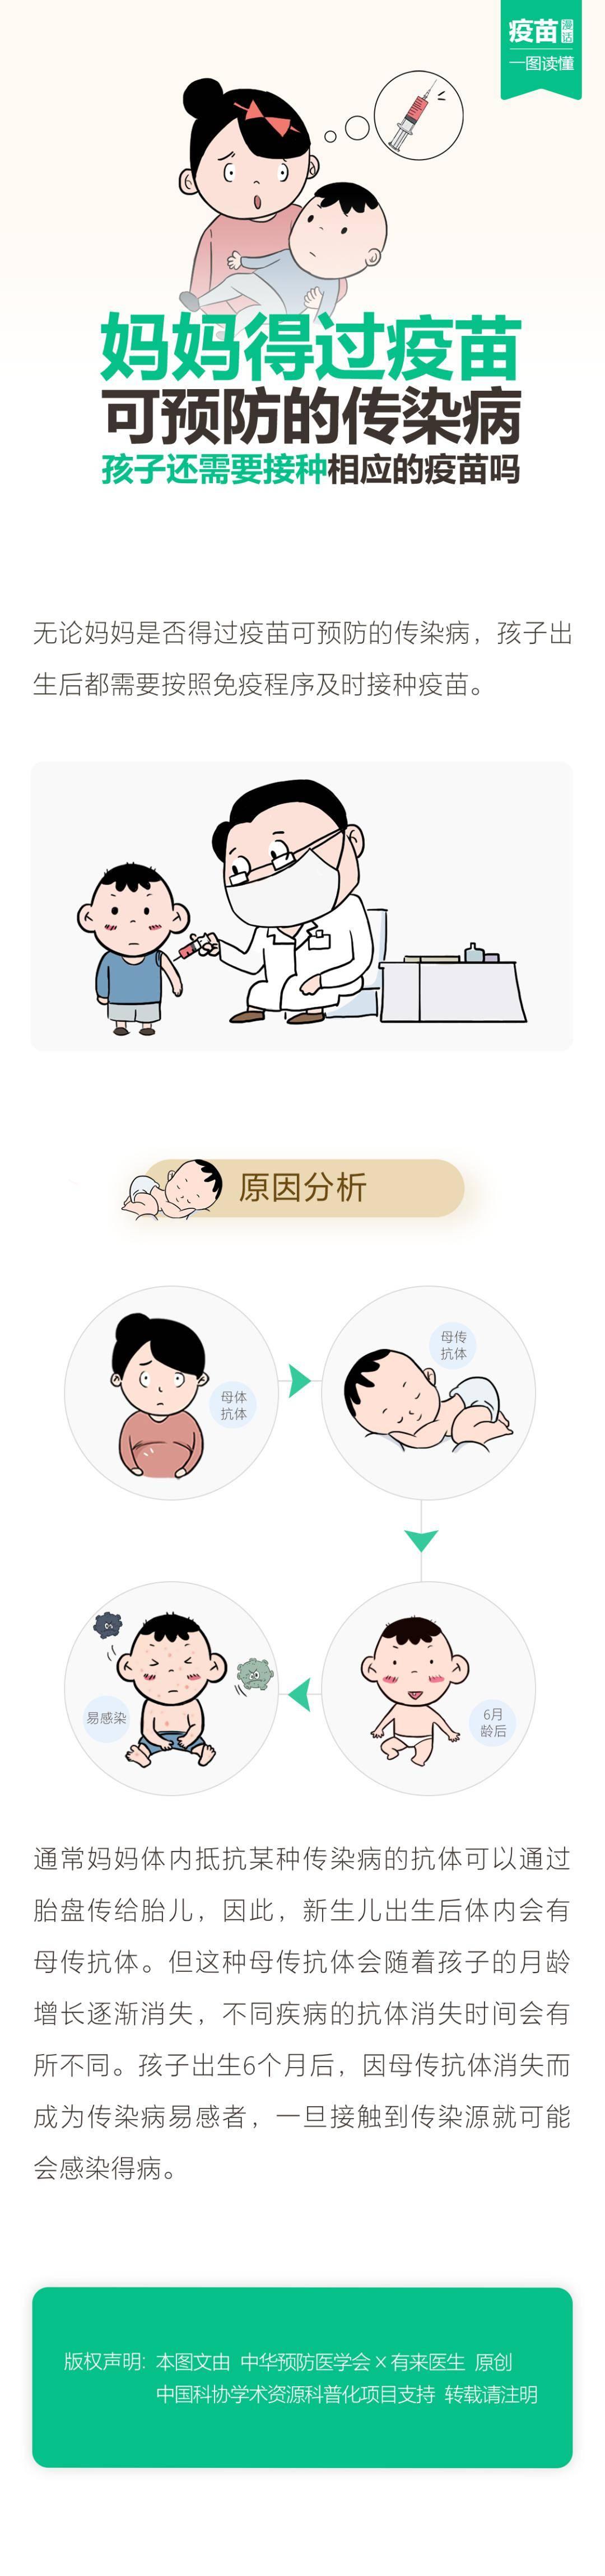 【疫苗漫画】妈妈得过疫苗可预防的传染病,孩子还需要接种相应的疫苗吗?